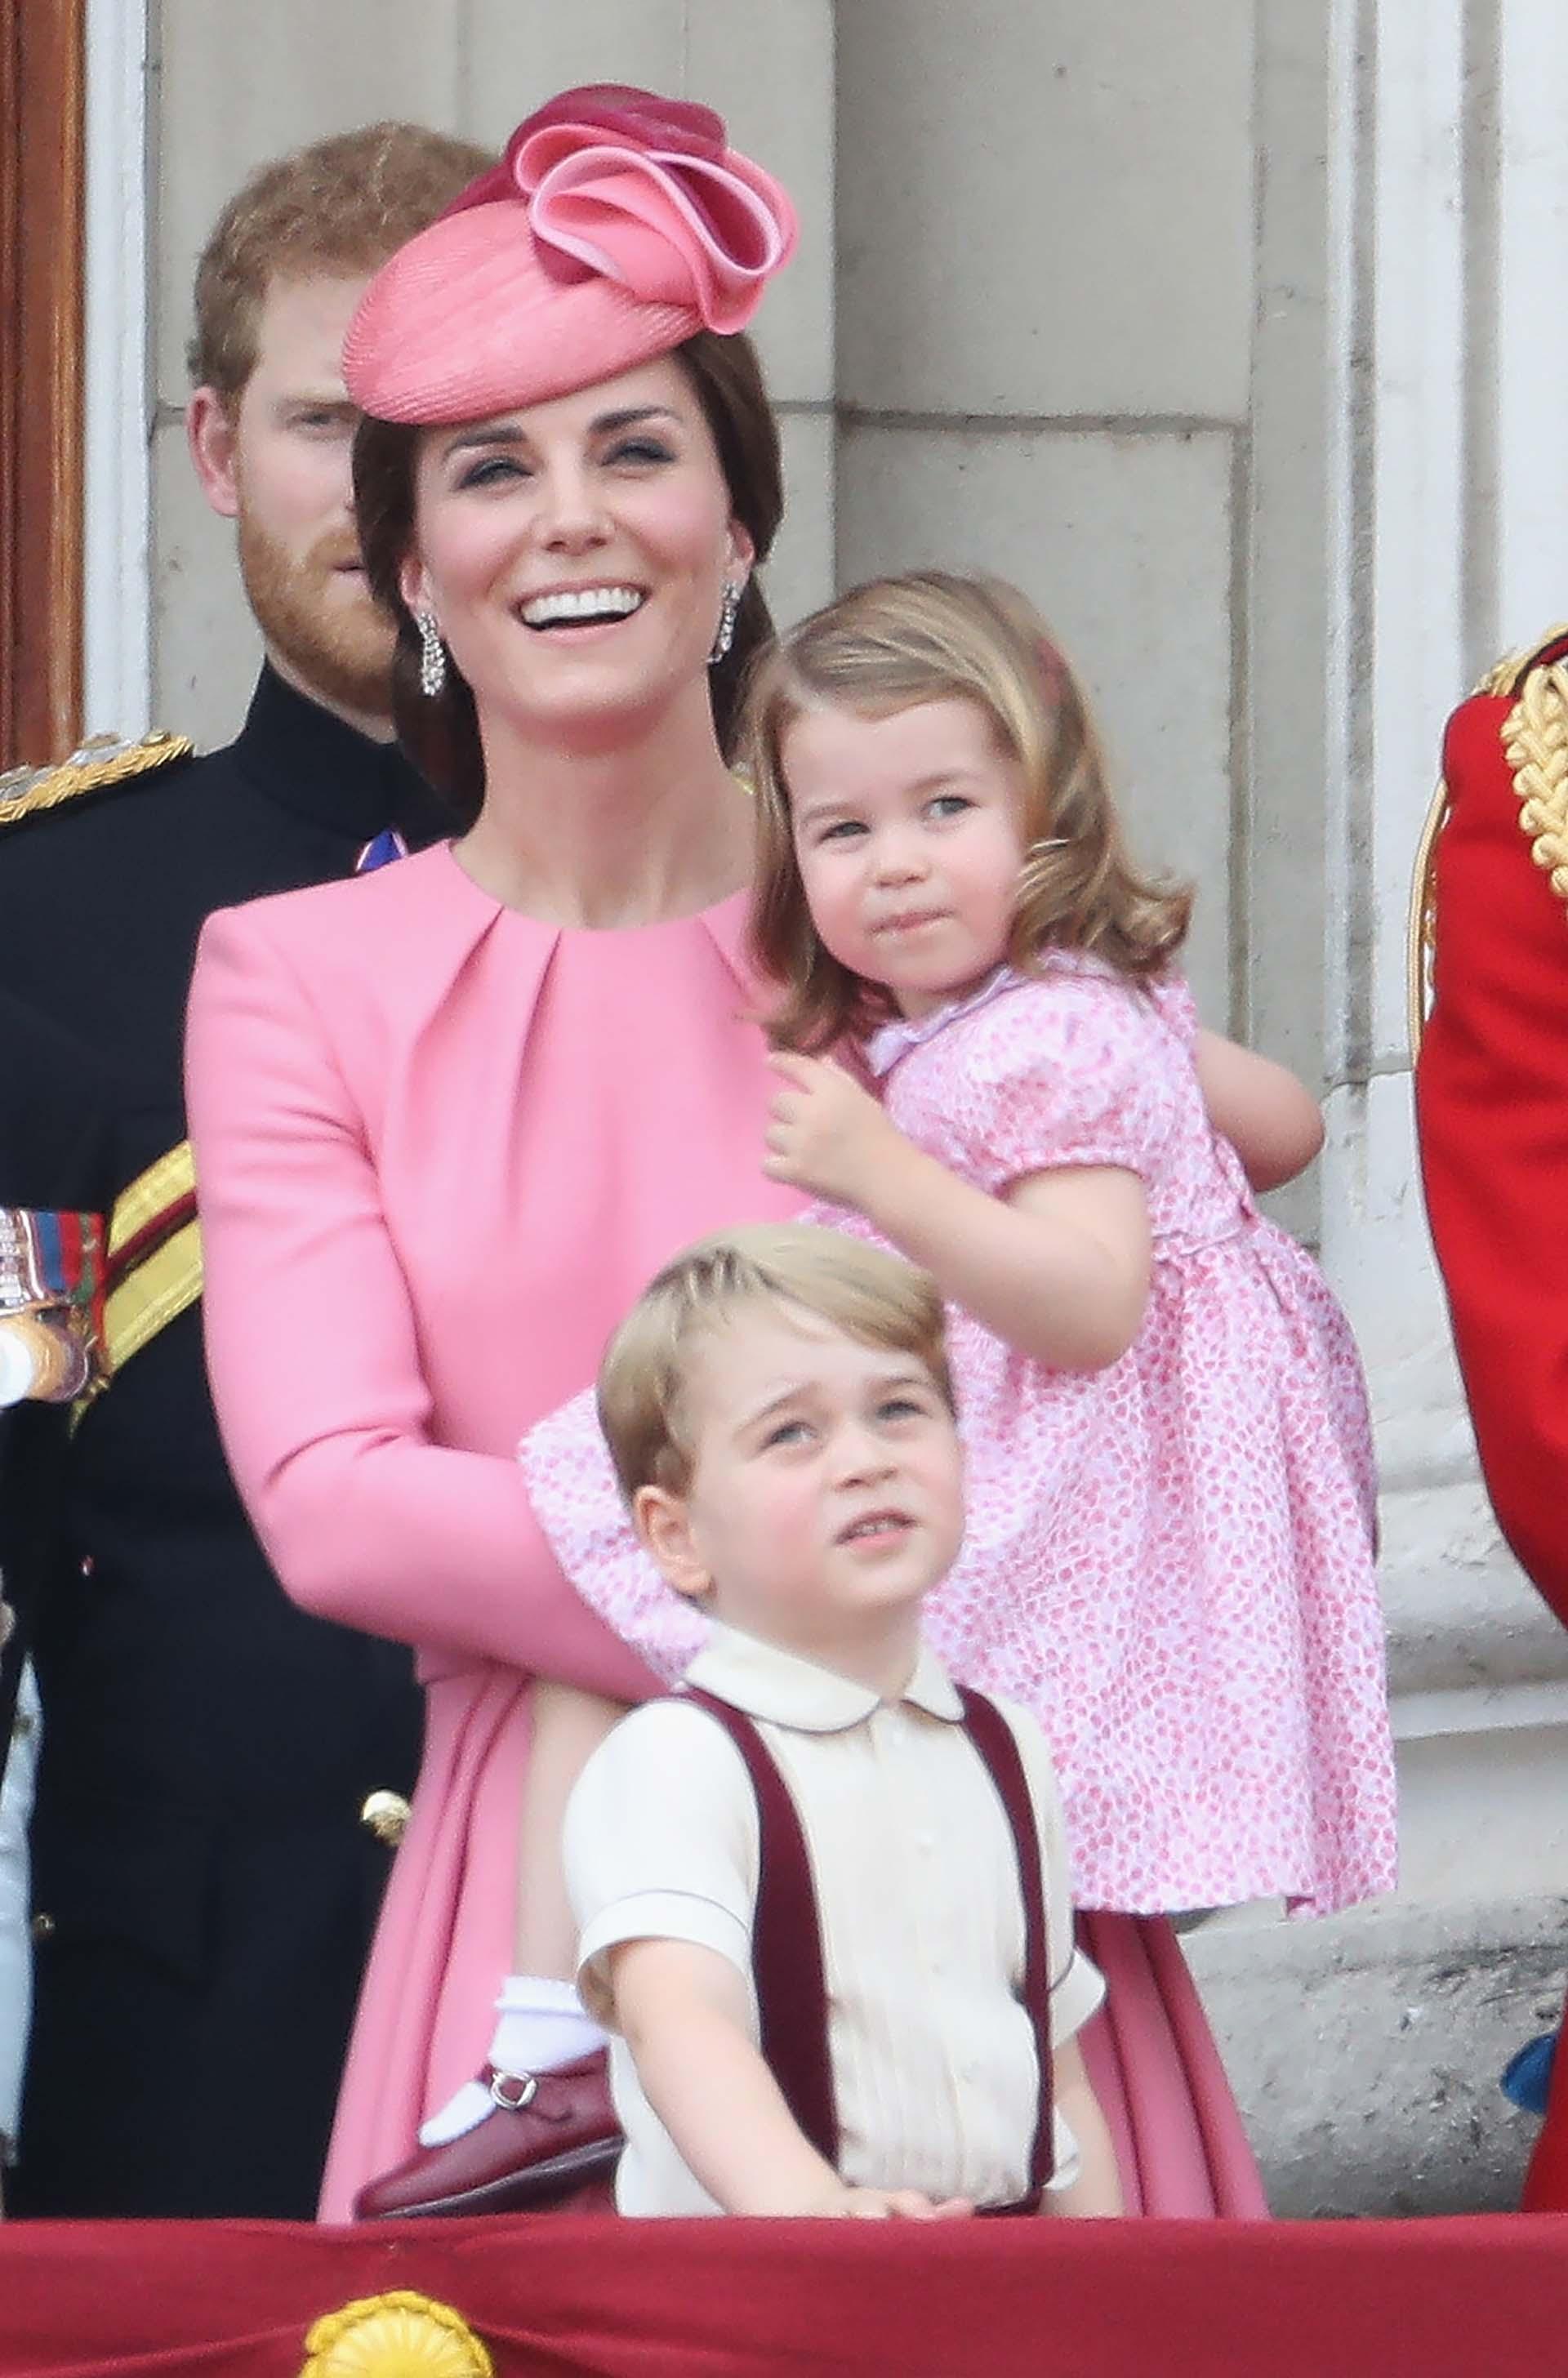 La pequeña Charlotte también estaba vestida del mismo color que su madre, mientras que el príncipe Jorge lució una camisa con tiradores